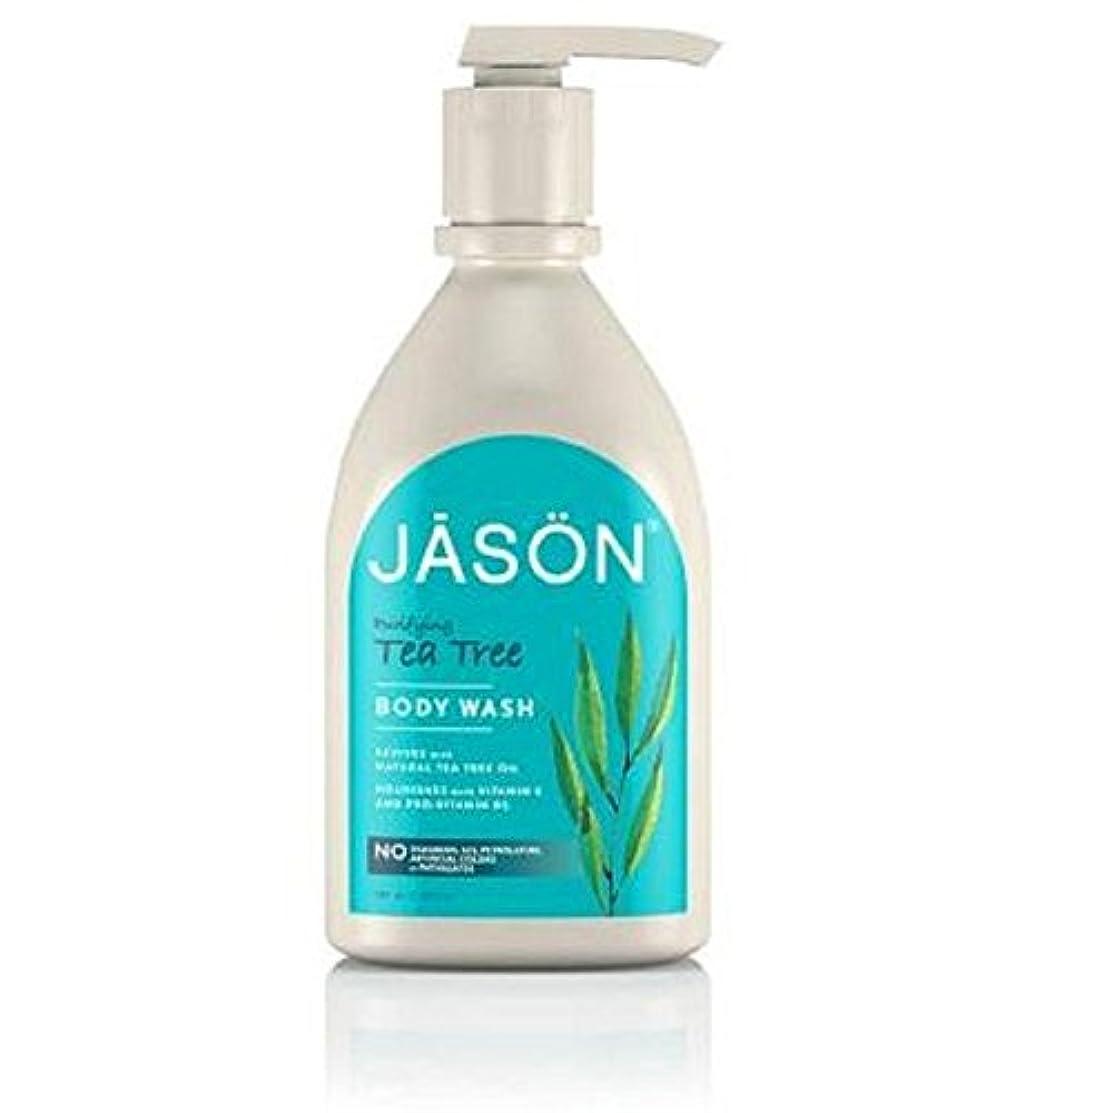 聖なるしなければならない経験者ジェイソン?ティーツリーサテンボディウォッシュポンプ900ミリリットル x2 - Jason Tea Tree Satin Body Wash Pump 900ml (Pack of 2) [並行輸入品]